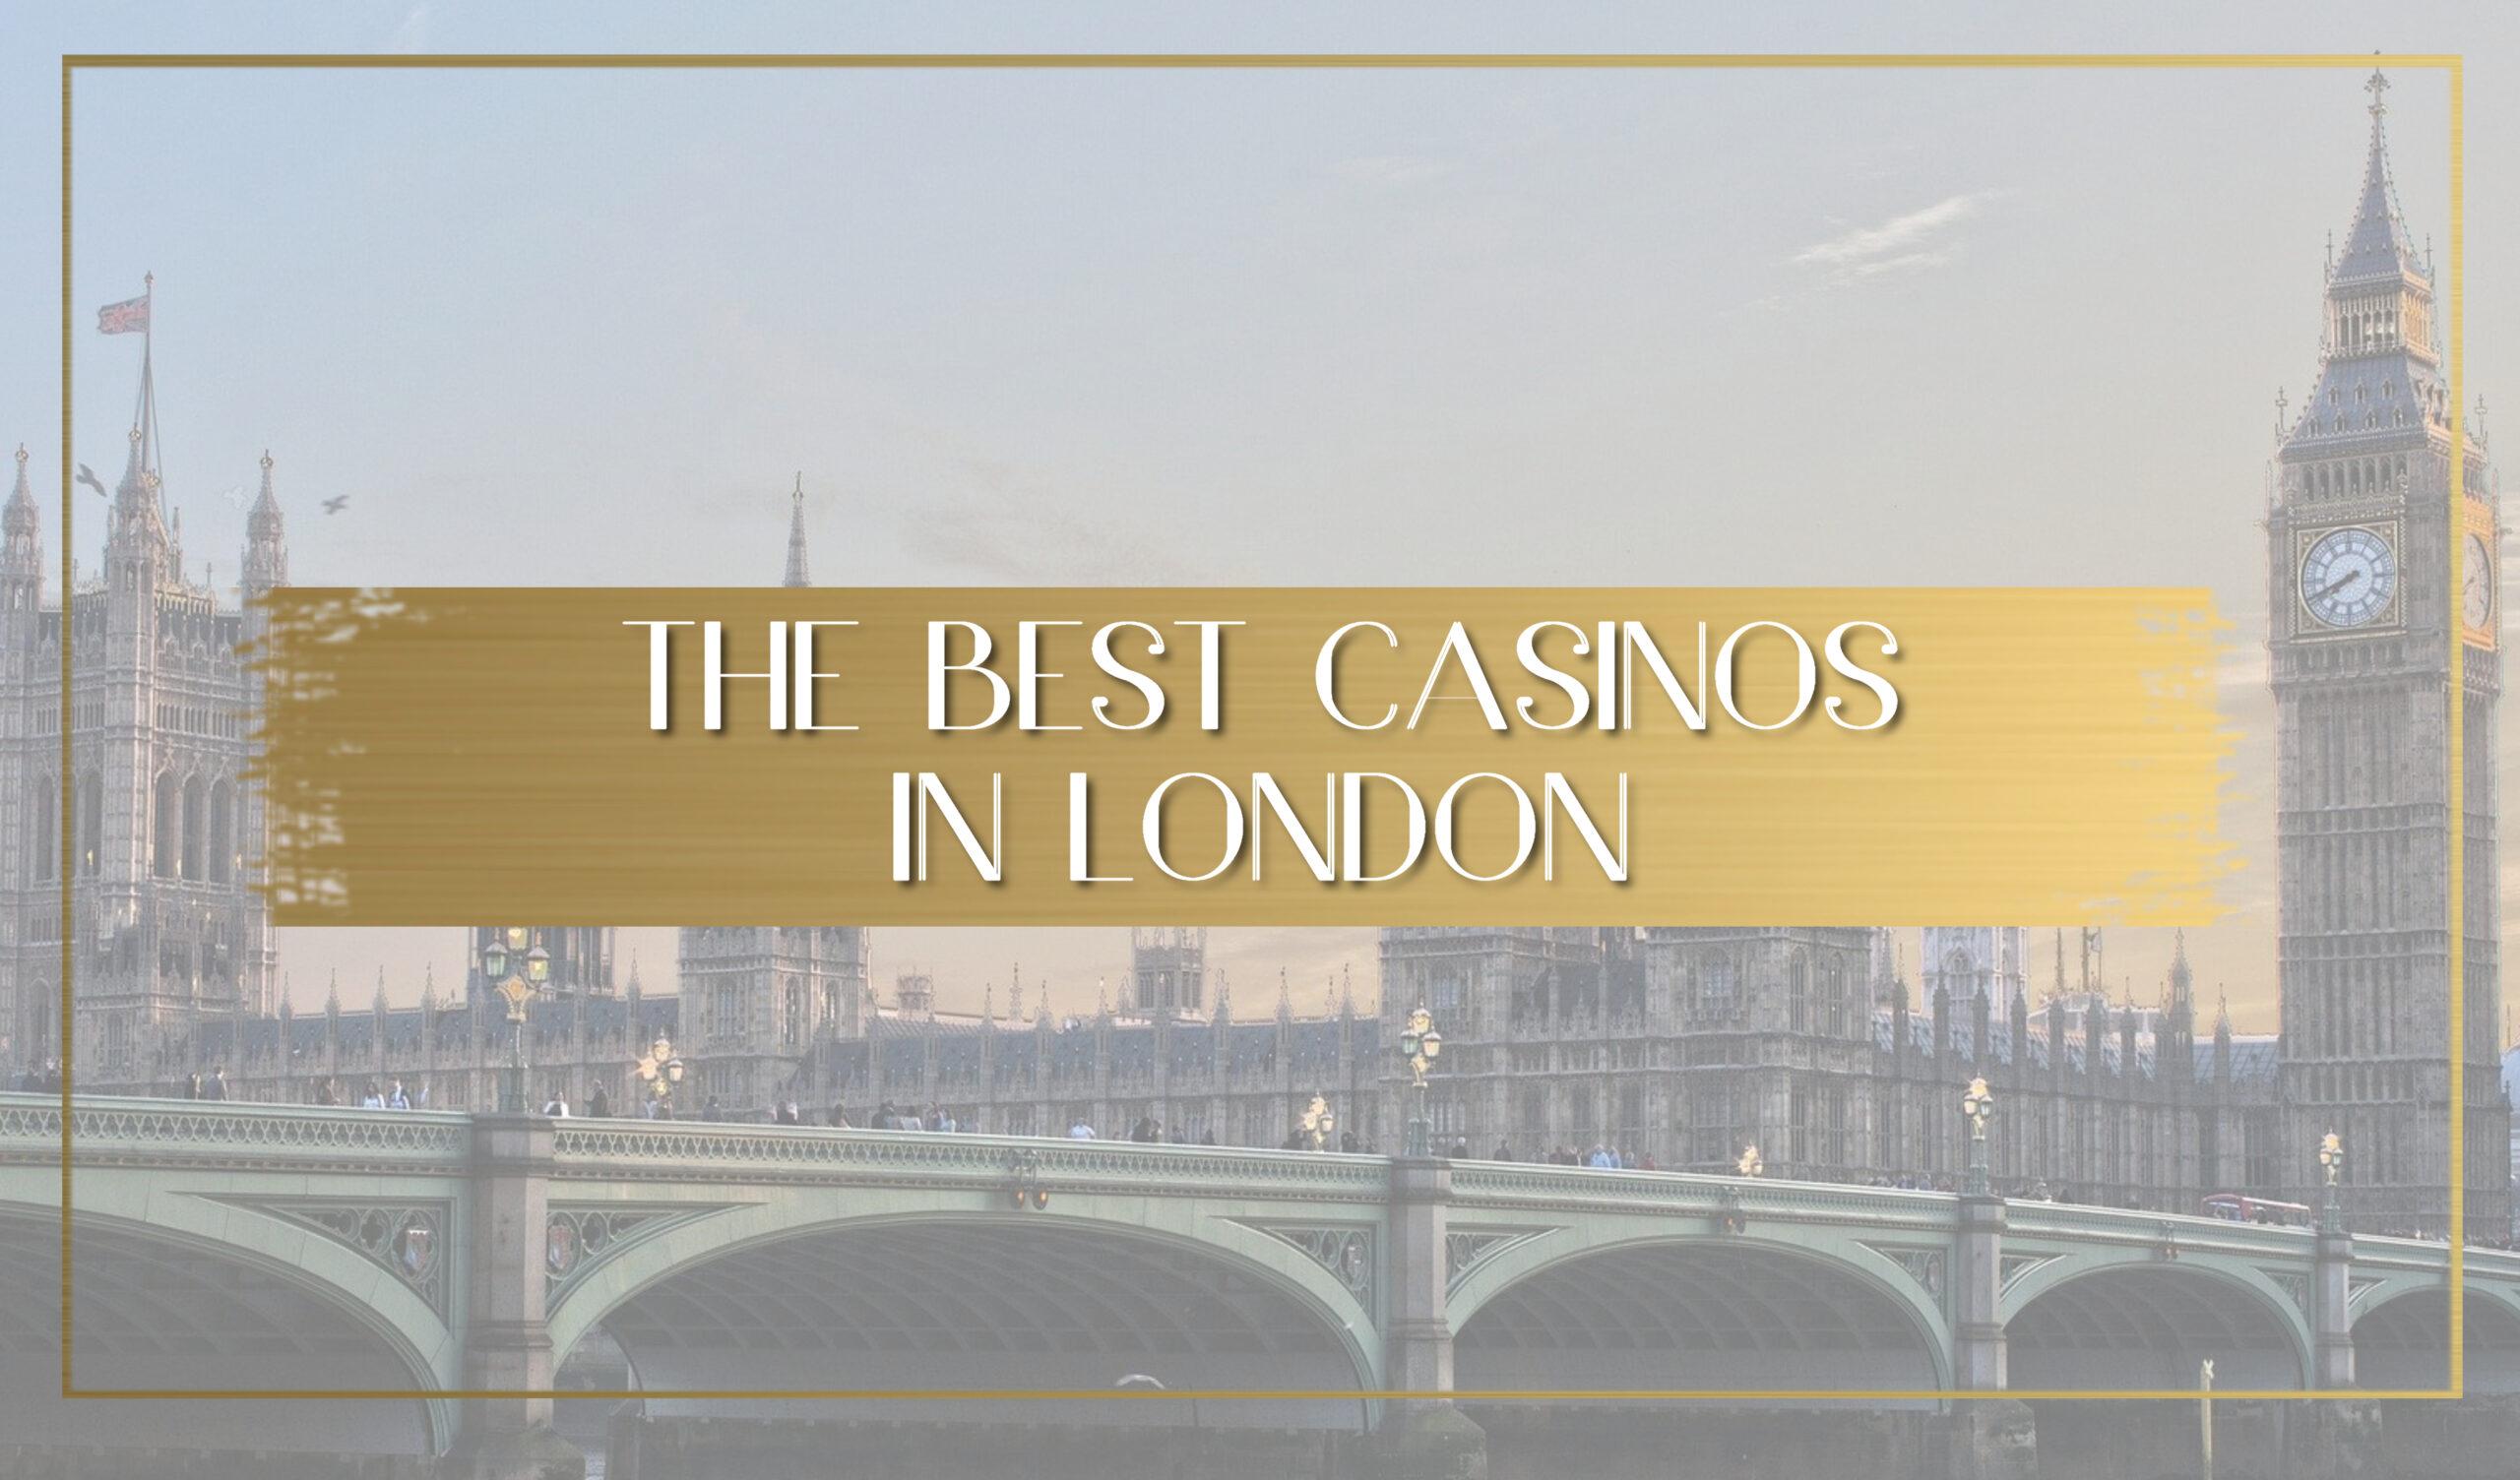 Best casinos in London main